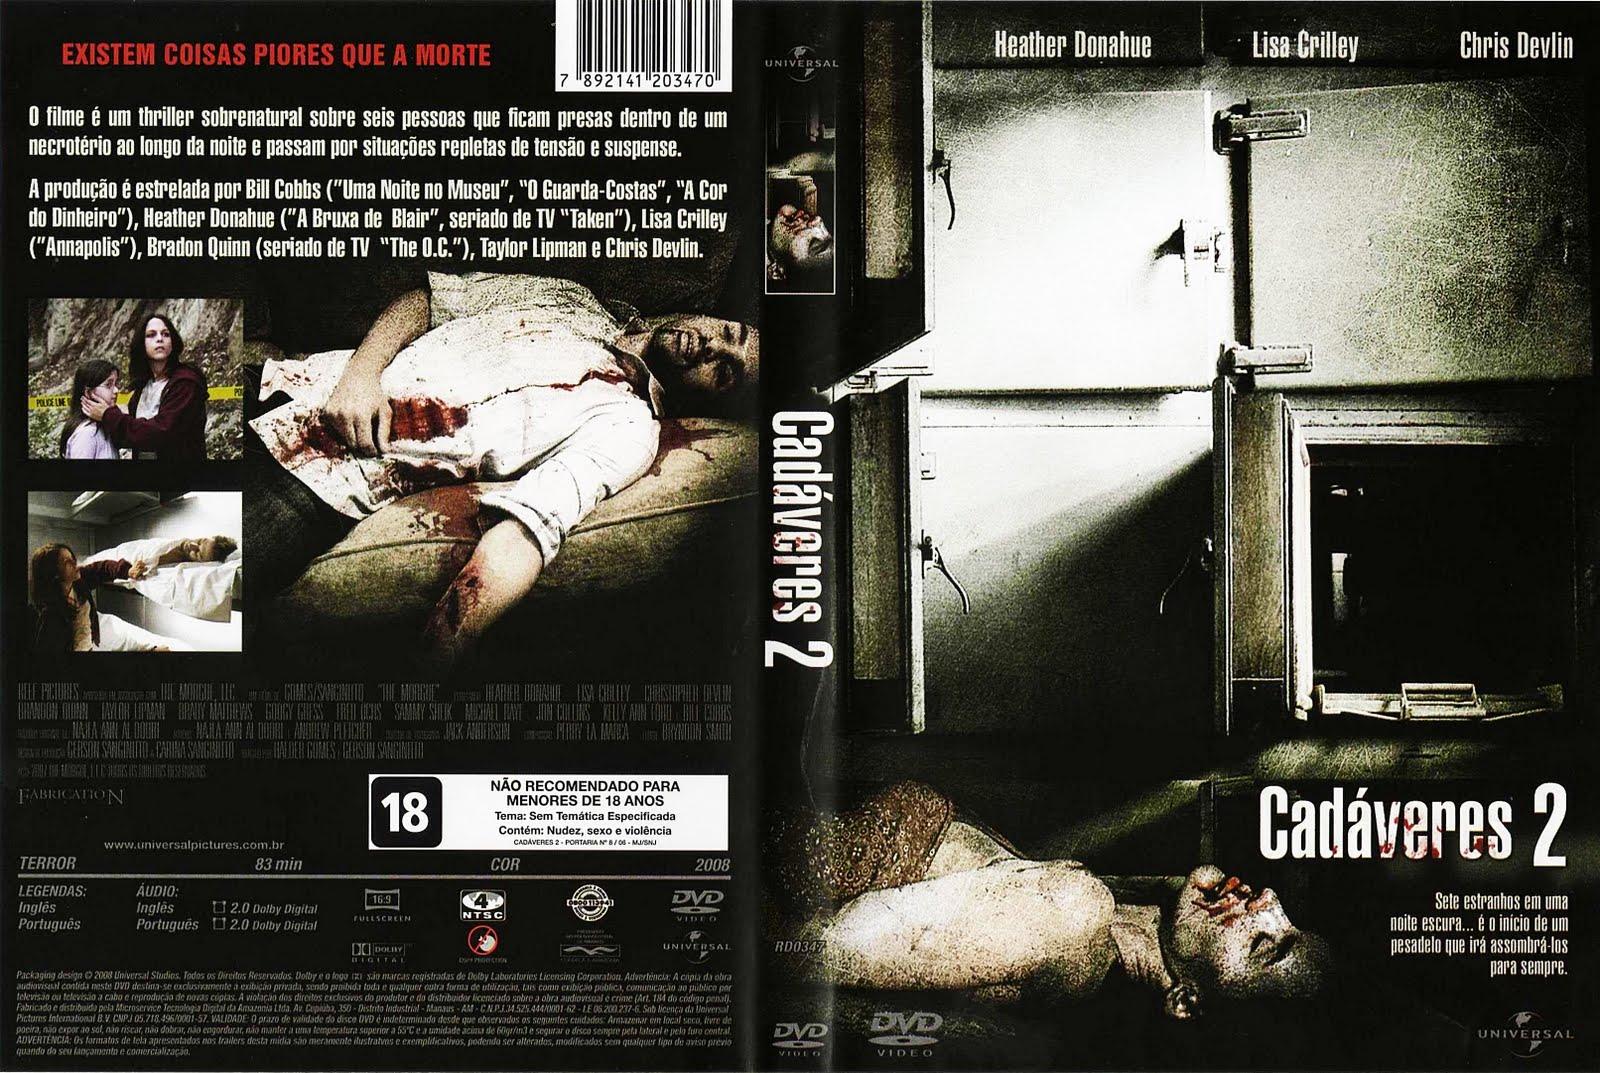 Cadáveres 2 O Necrotério DVD Capa